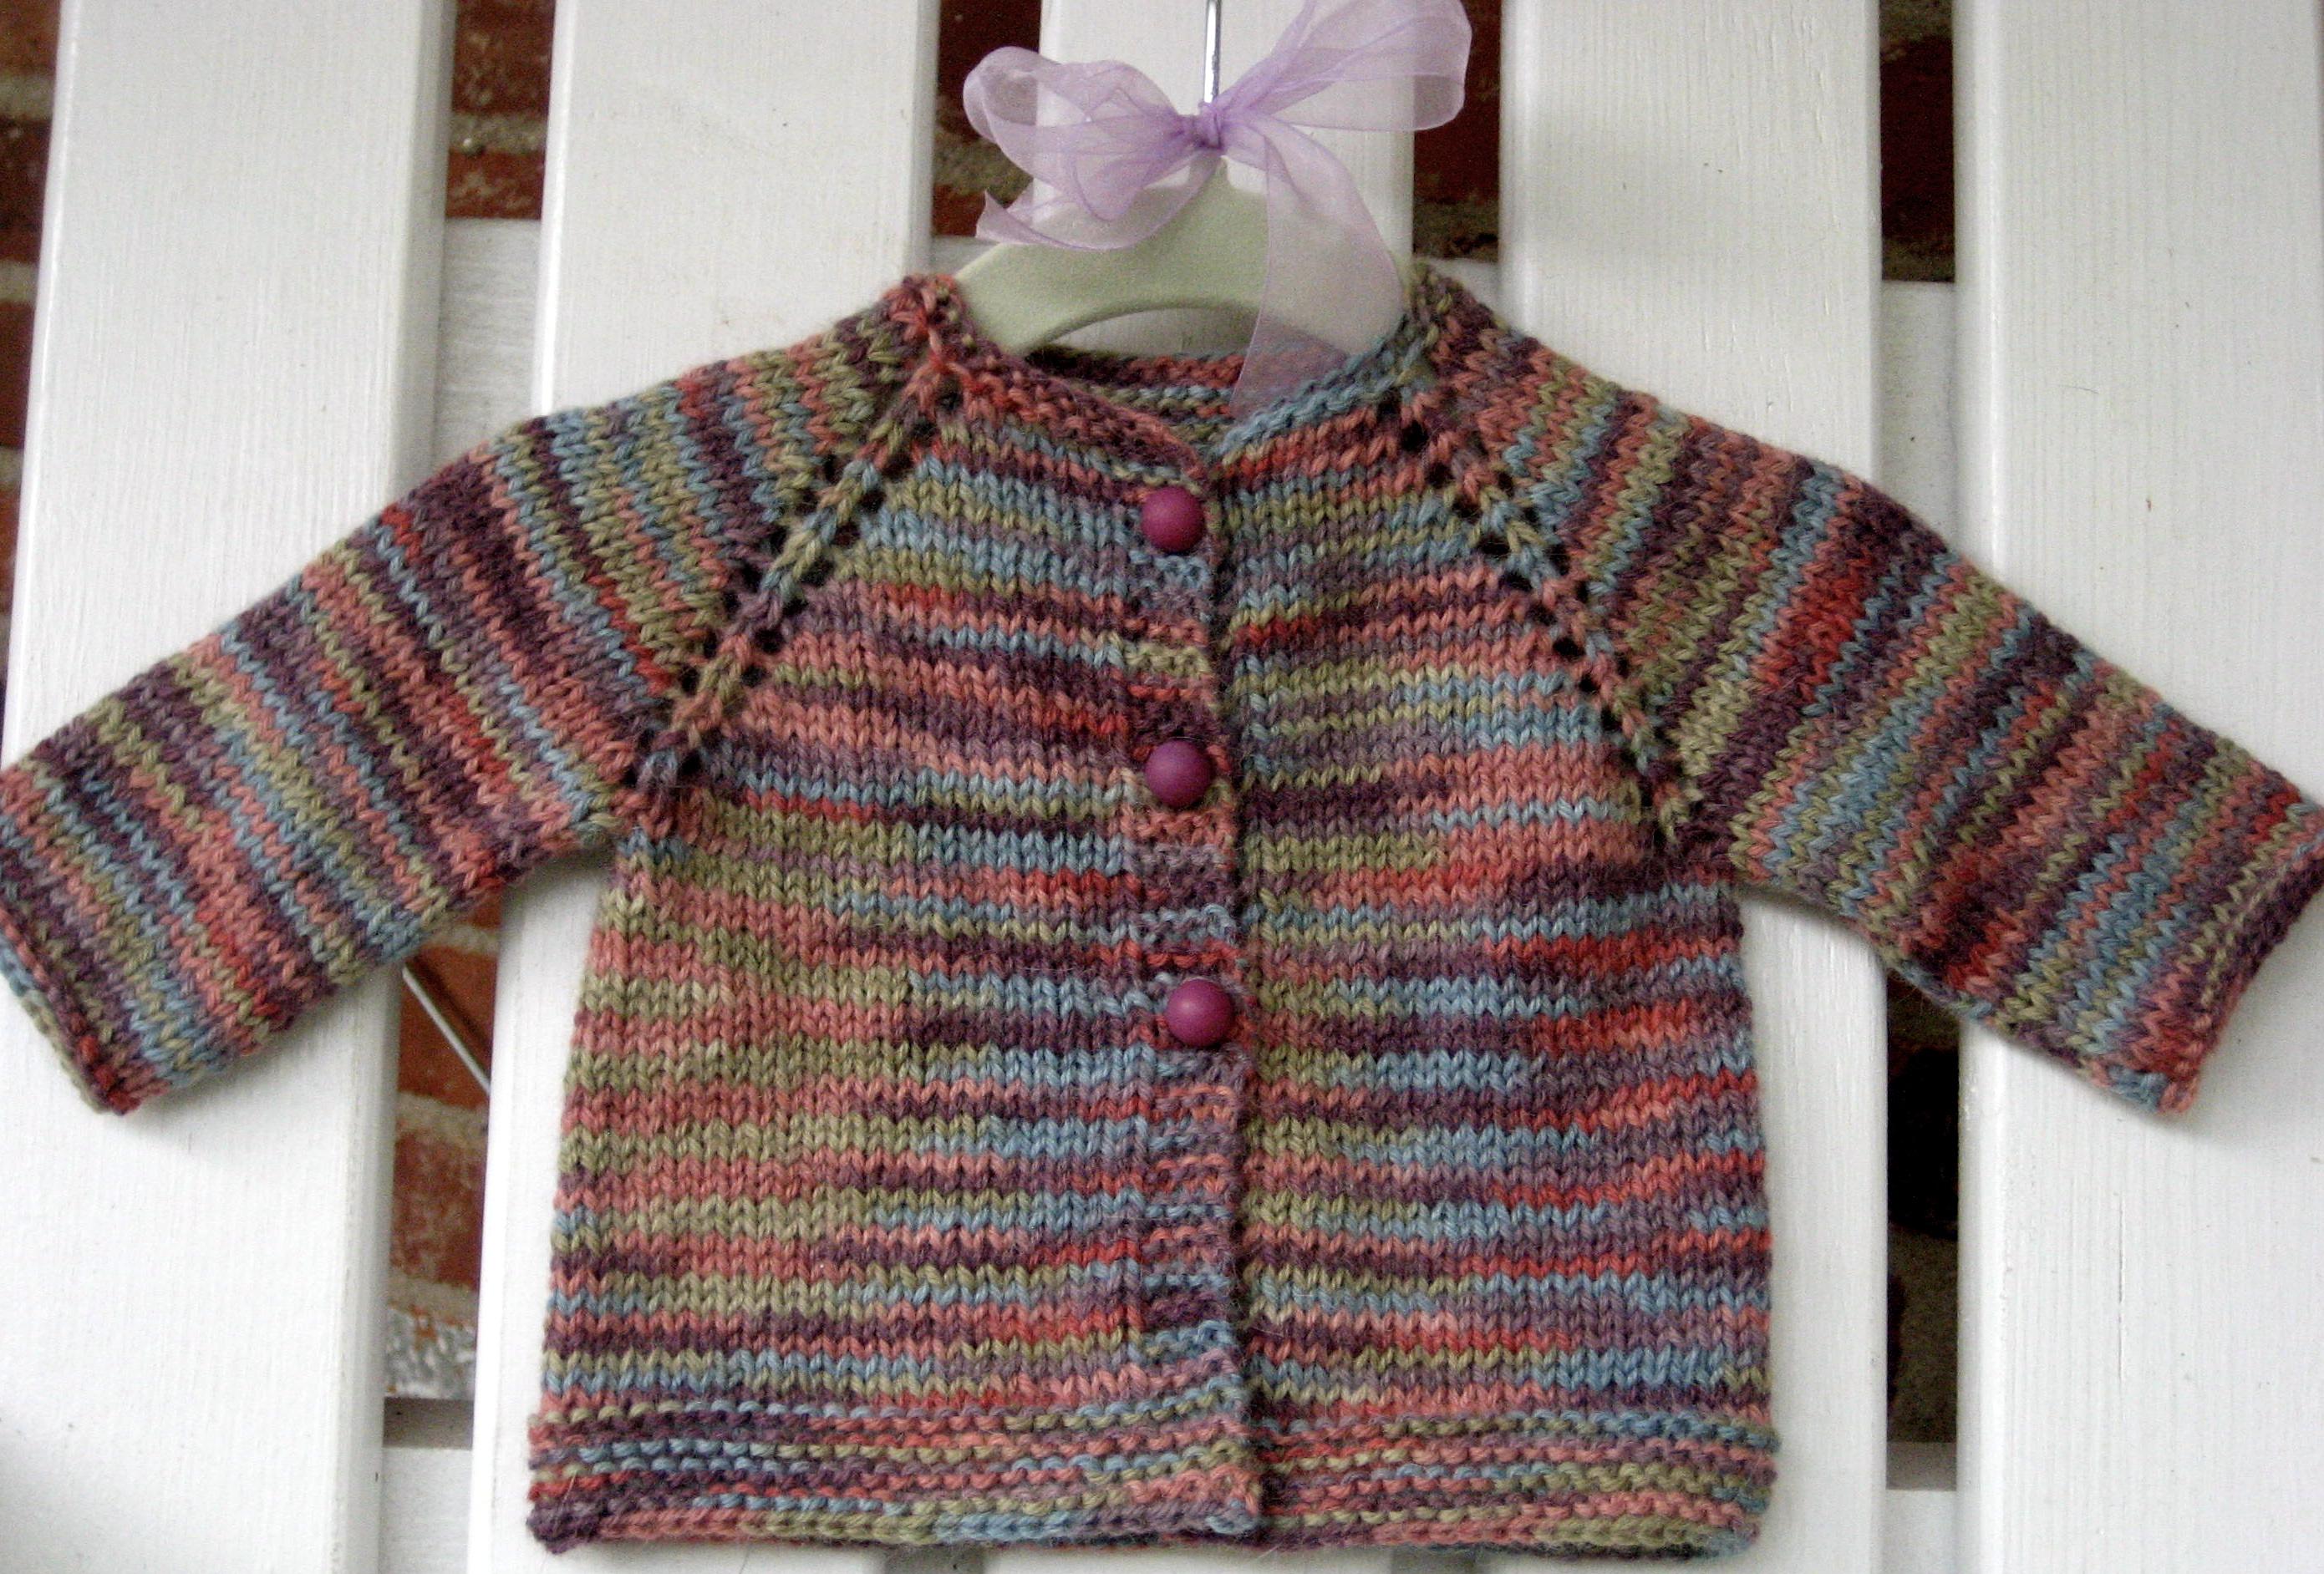 edaf5426ddff Newborn Cardigan for Sweet Baby Norah